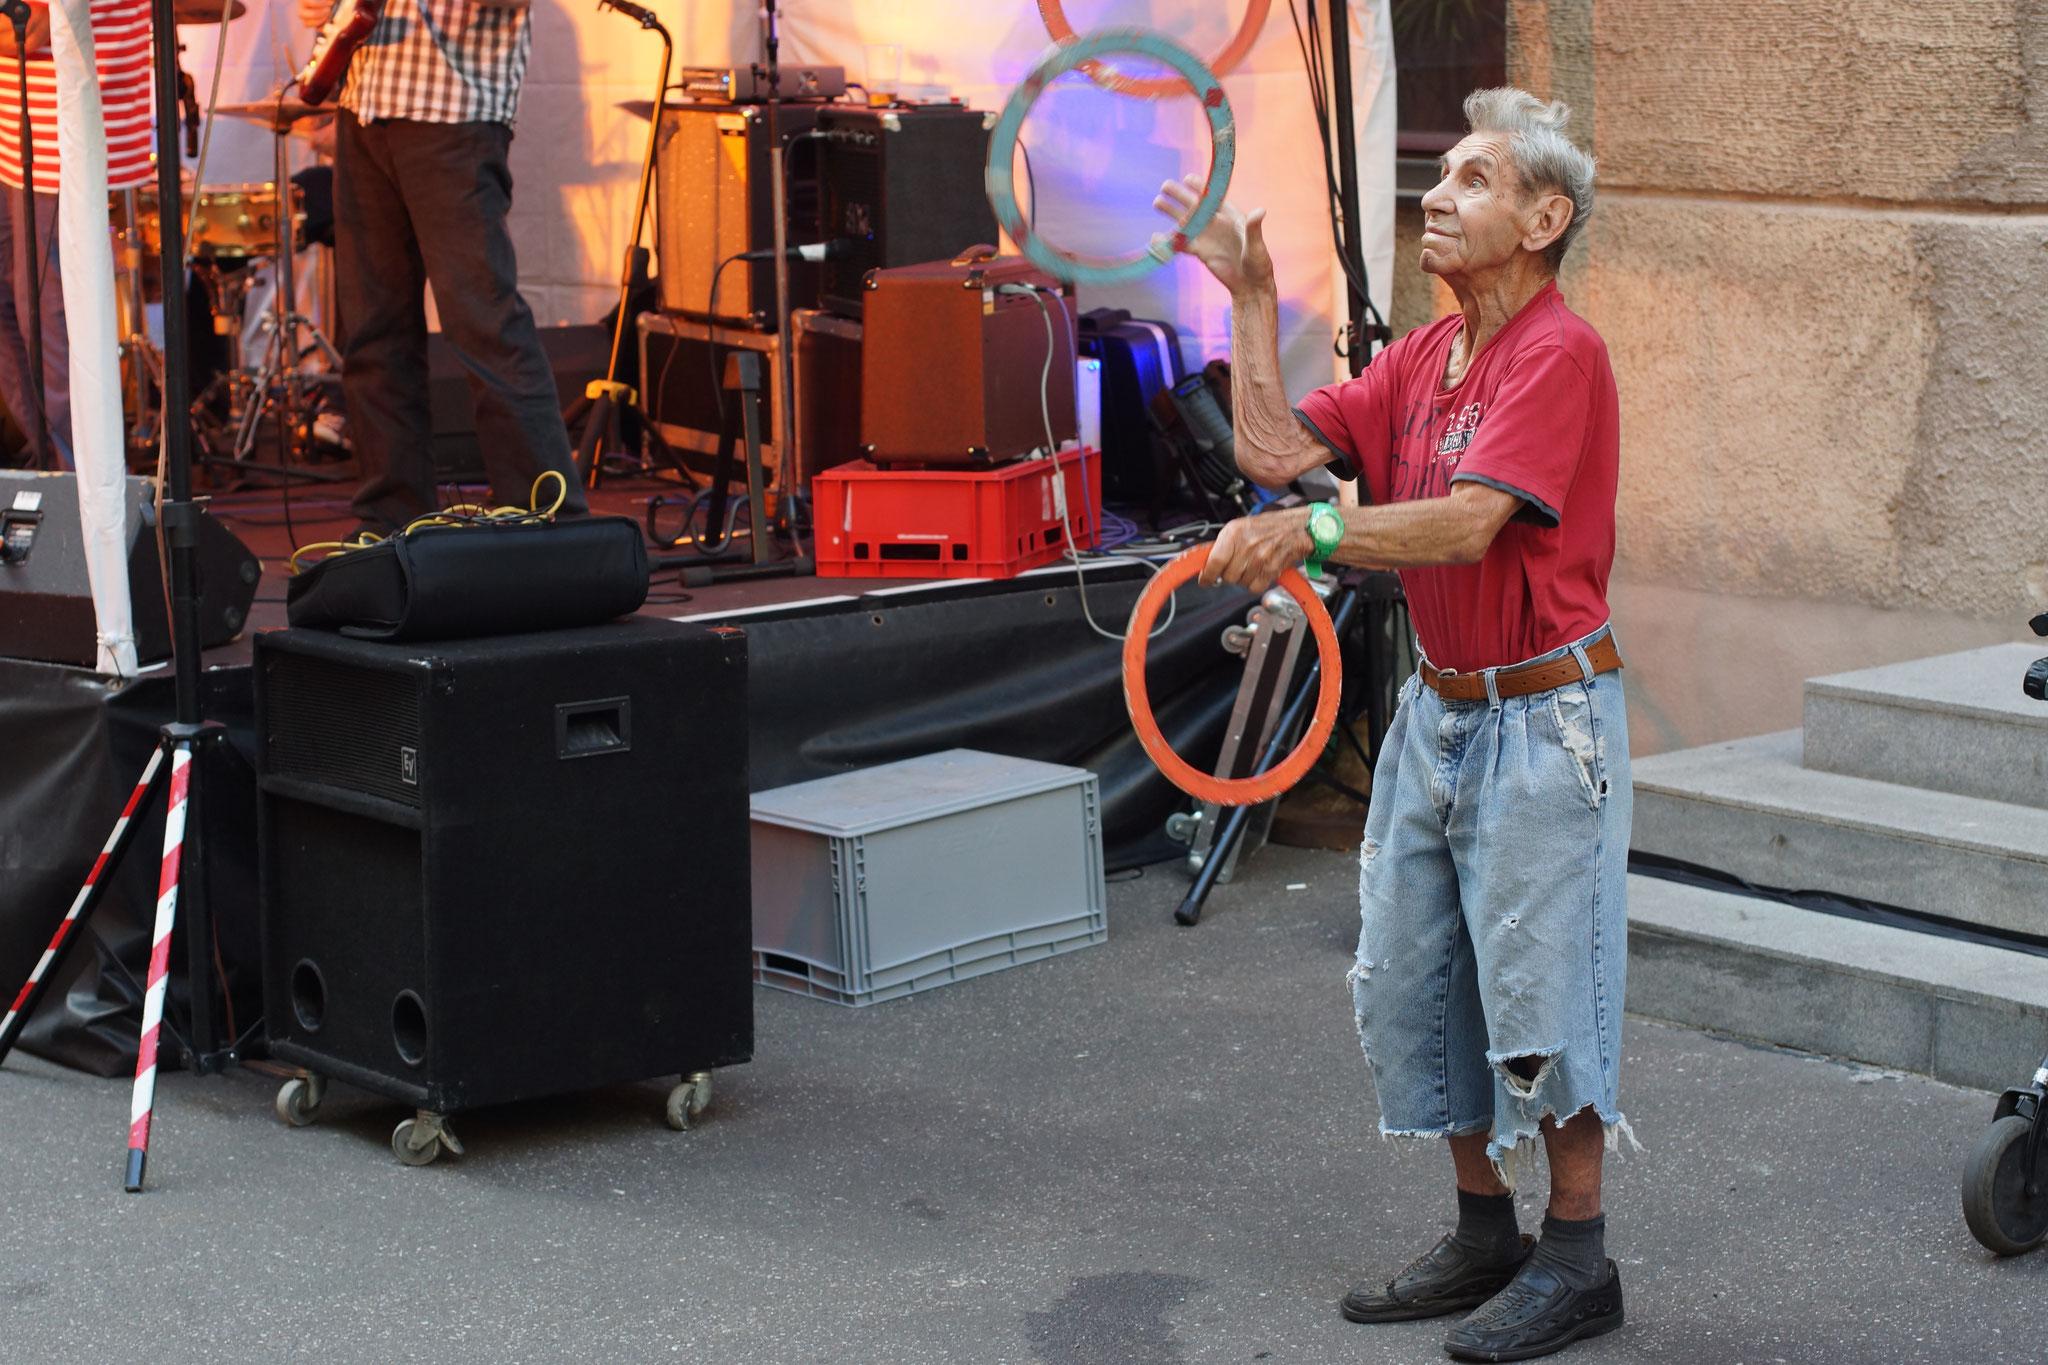 Konzerte im Bürgerhof 08.07.16 Der Jongleur ...seit vielen Jahren - Freiwilligen-Zentrum Augsburg - Foto: Crayfish